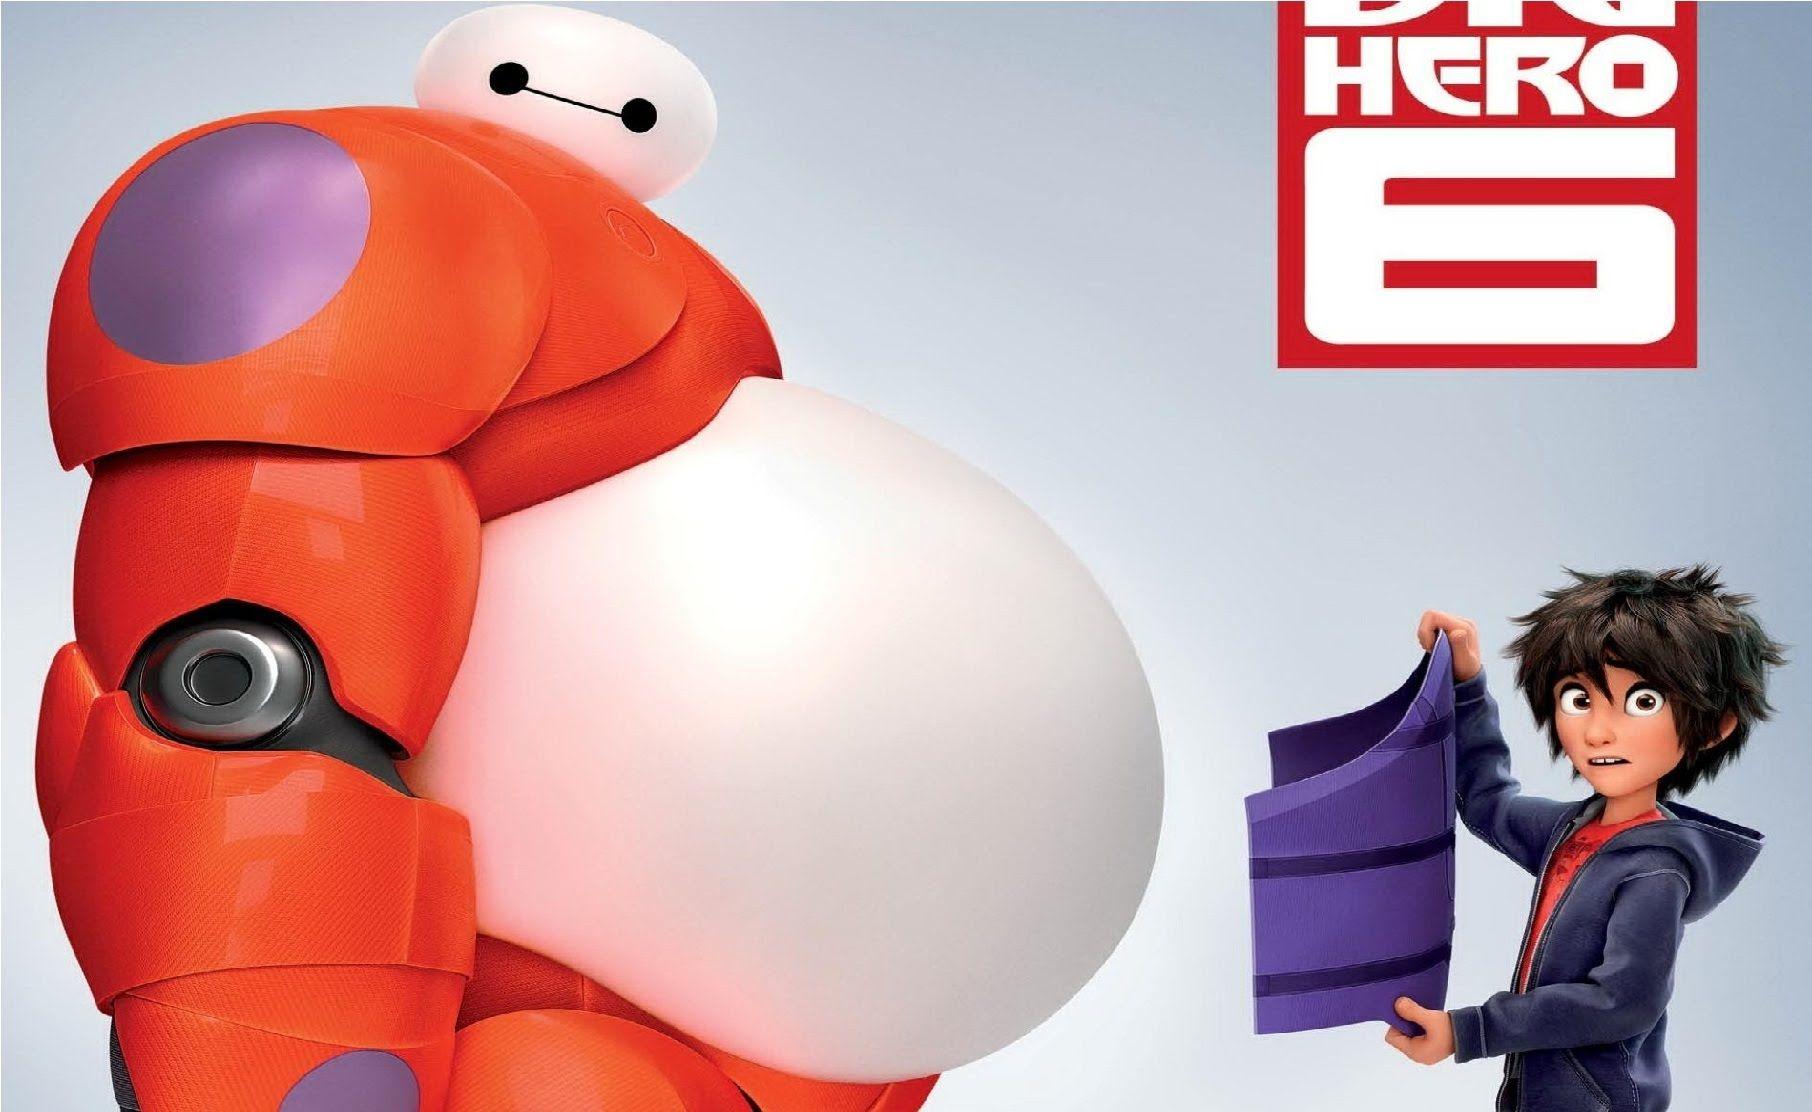 """Sean O'Connell de Cinema Blend tenía esto que decir acerca de """"Big Hero 6""""  la película completa, e incluso se ha recomendado como una buena película  para ..."""